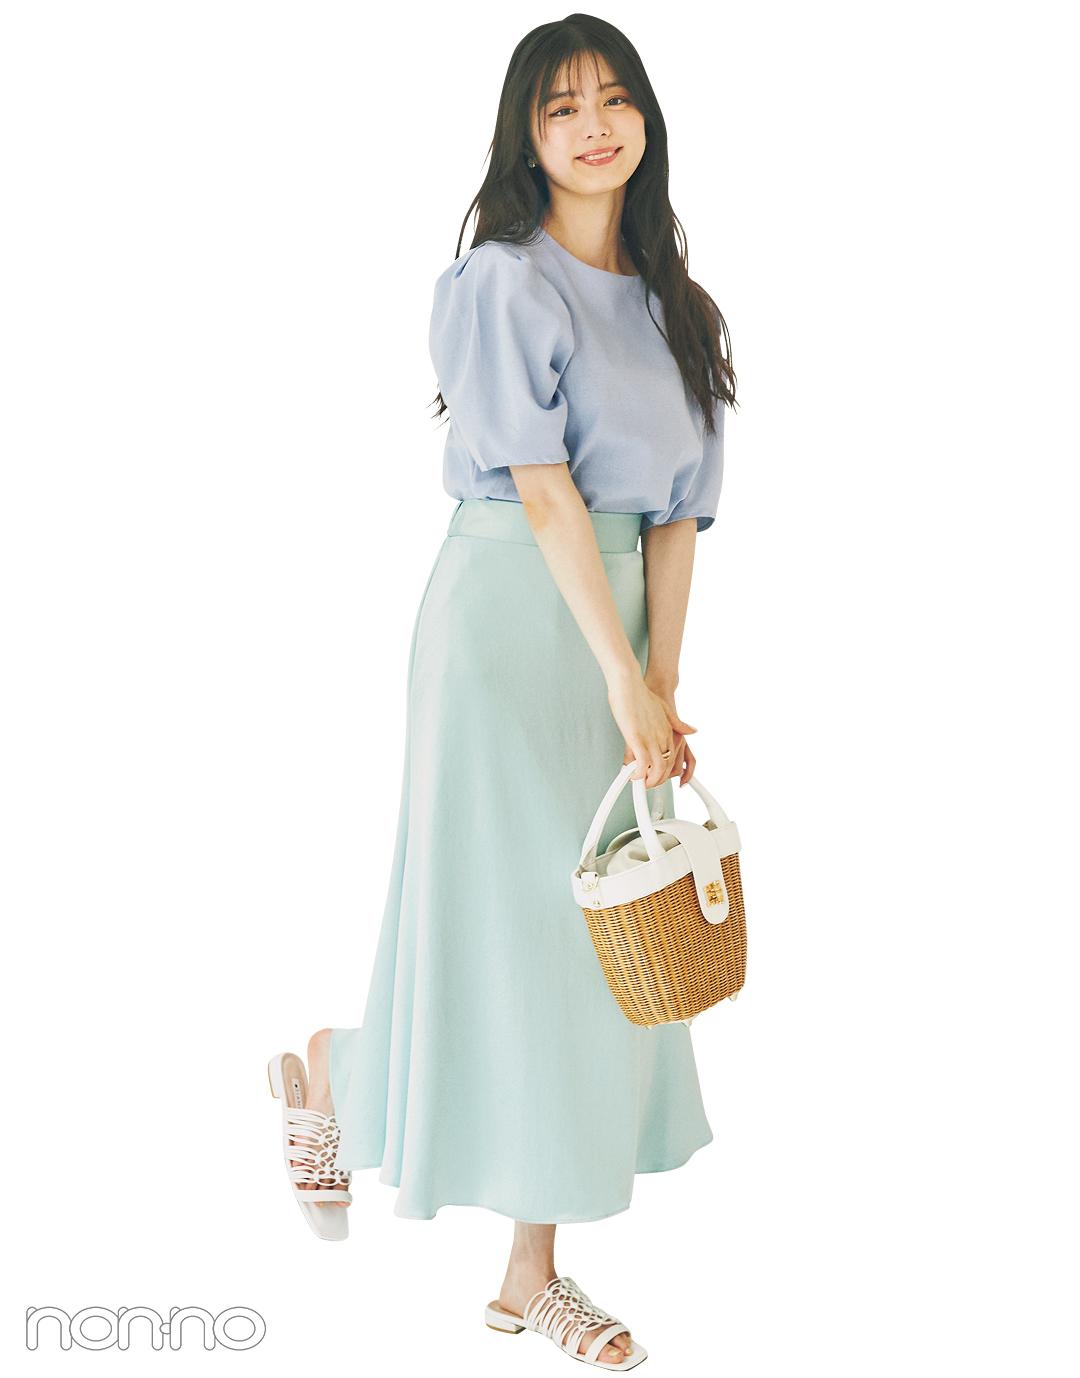 紺野彩夏の好感度ガーリーなパステル派モデルカット9−1